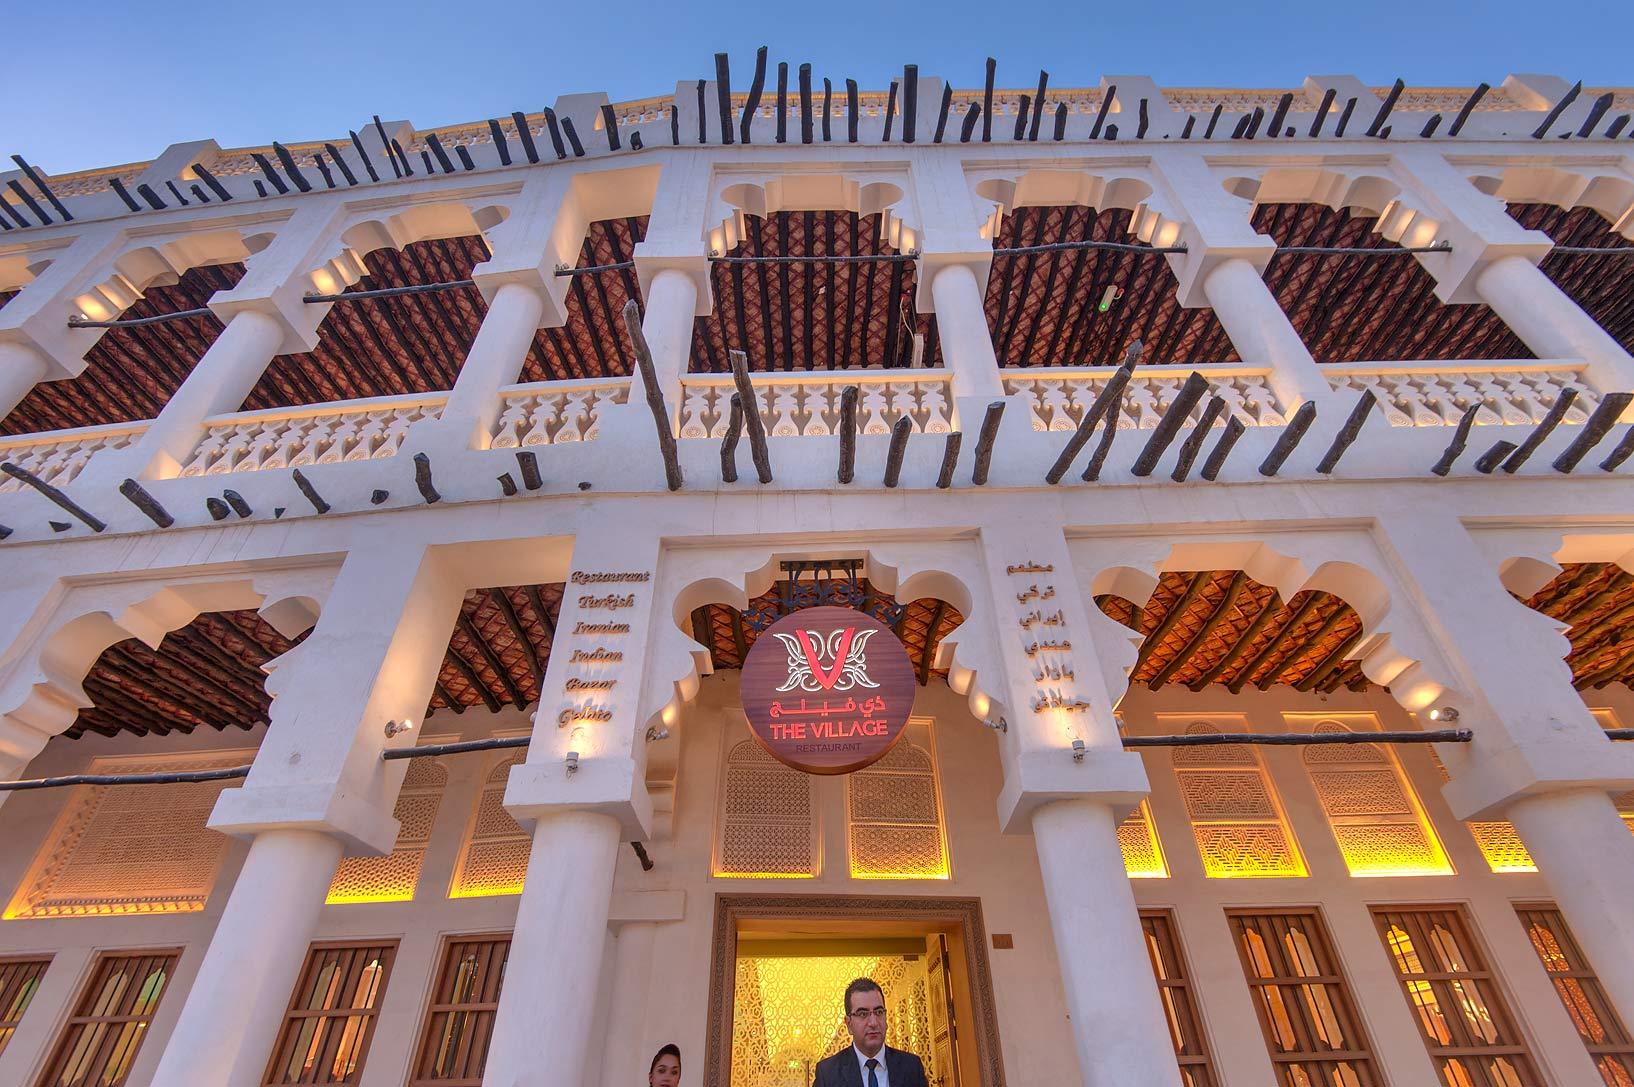 x large image - Large Restaurant 2015